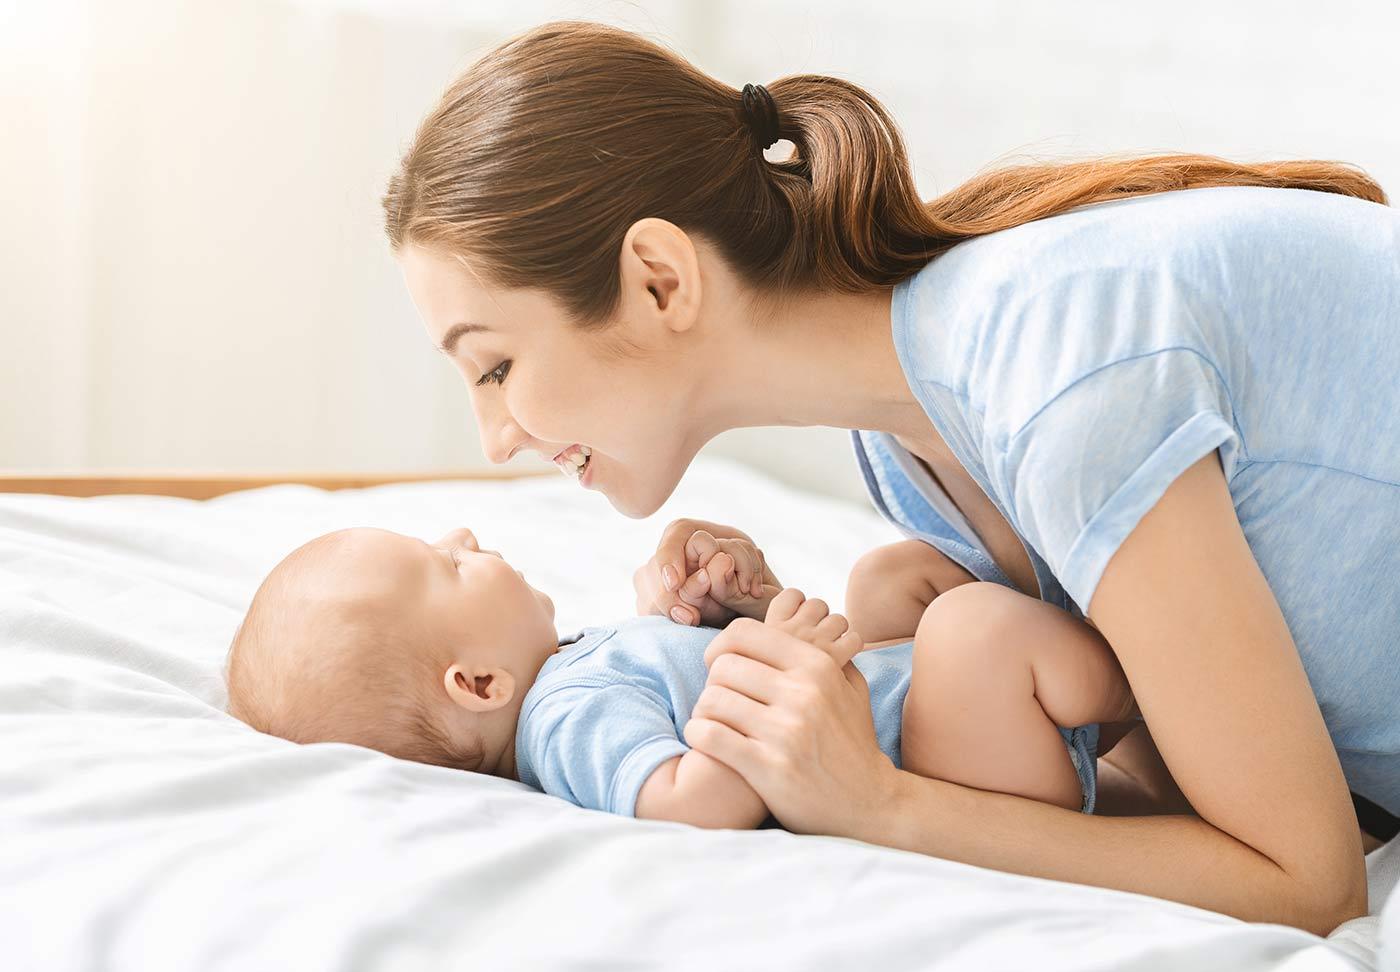 Mom admiring her newborn baby